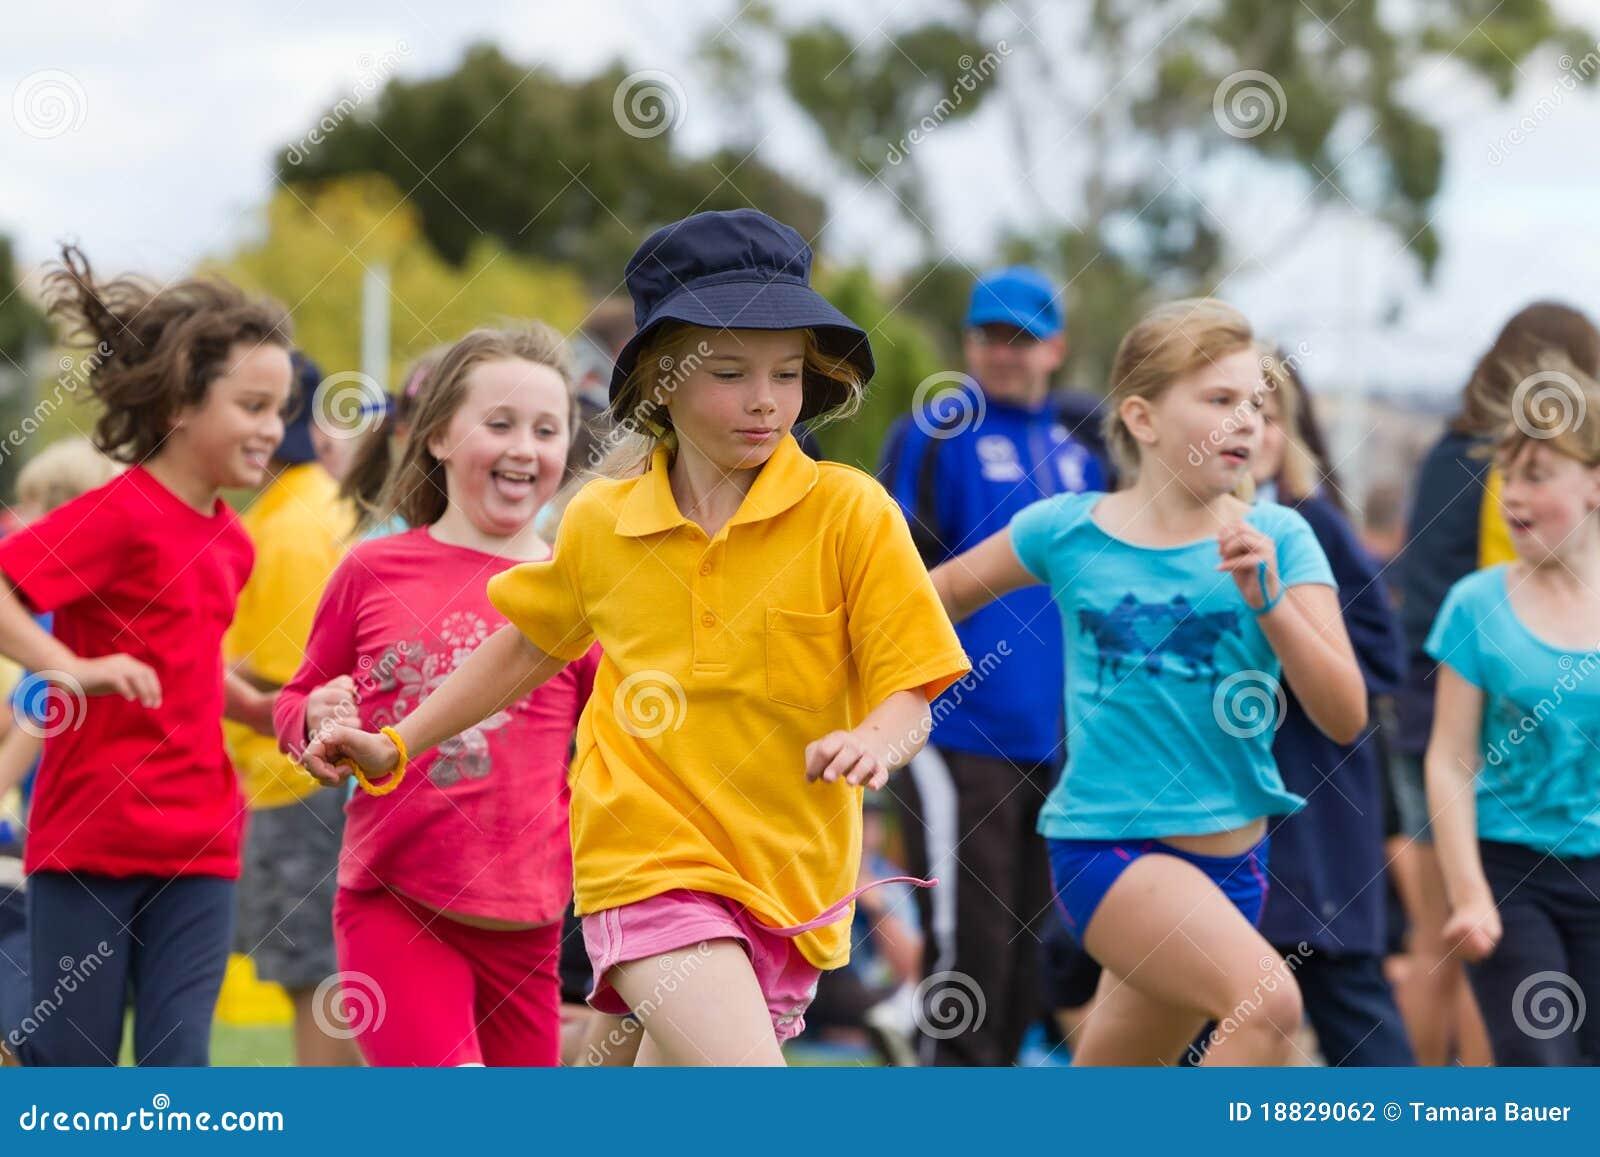 Cabritos en raza de los deportes